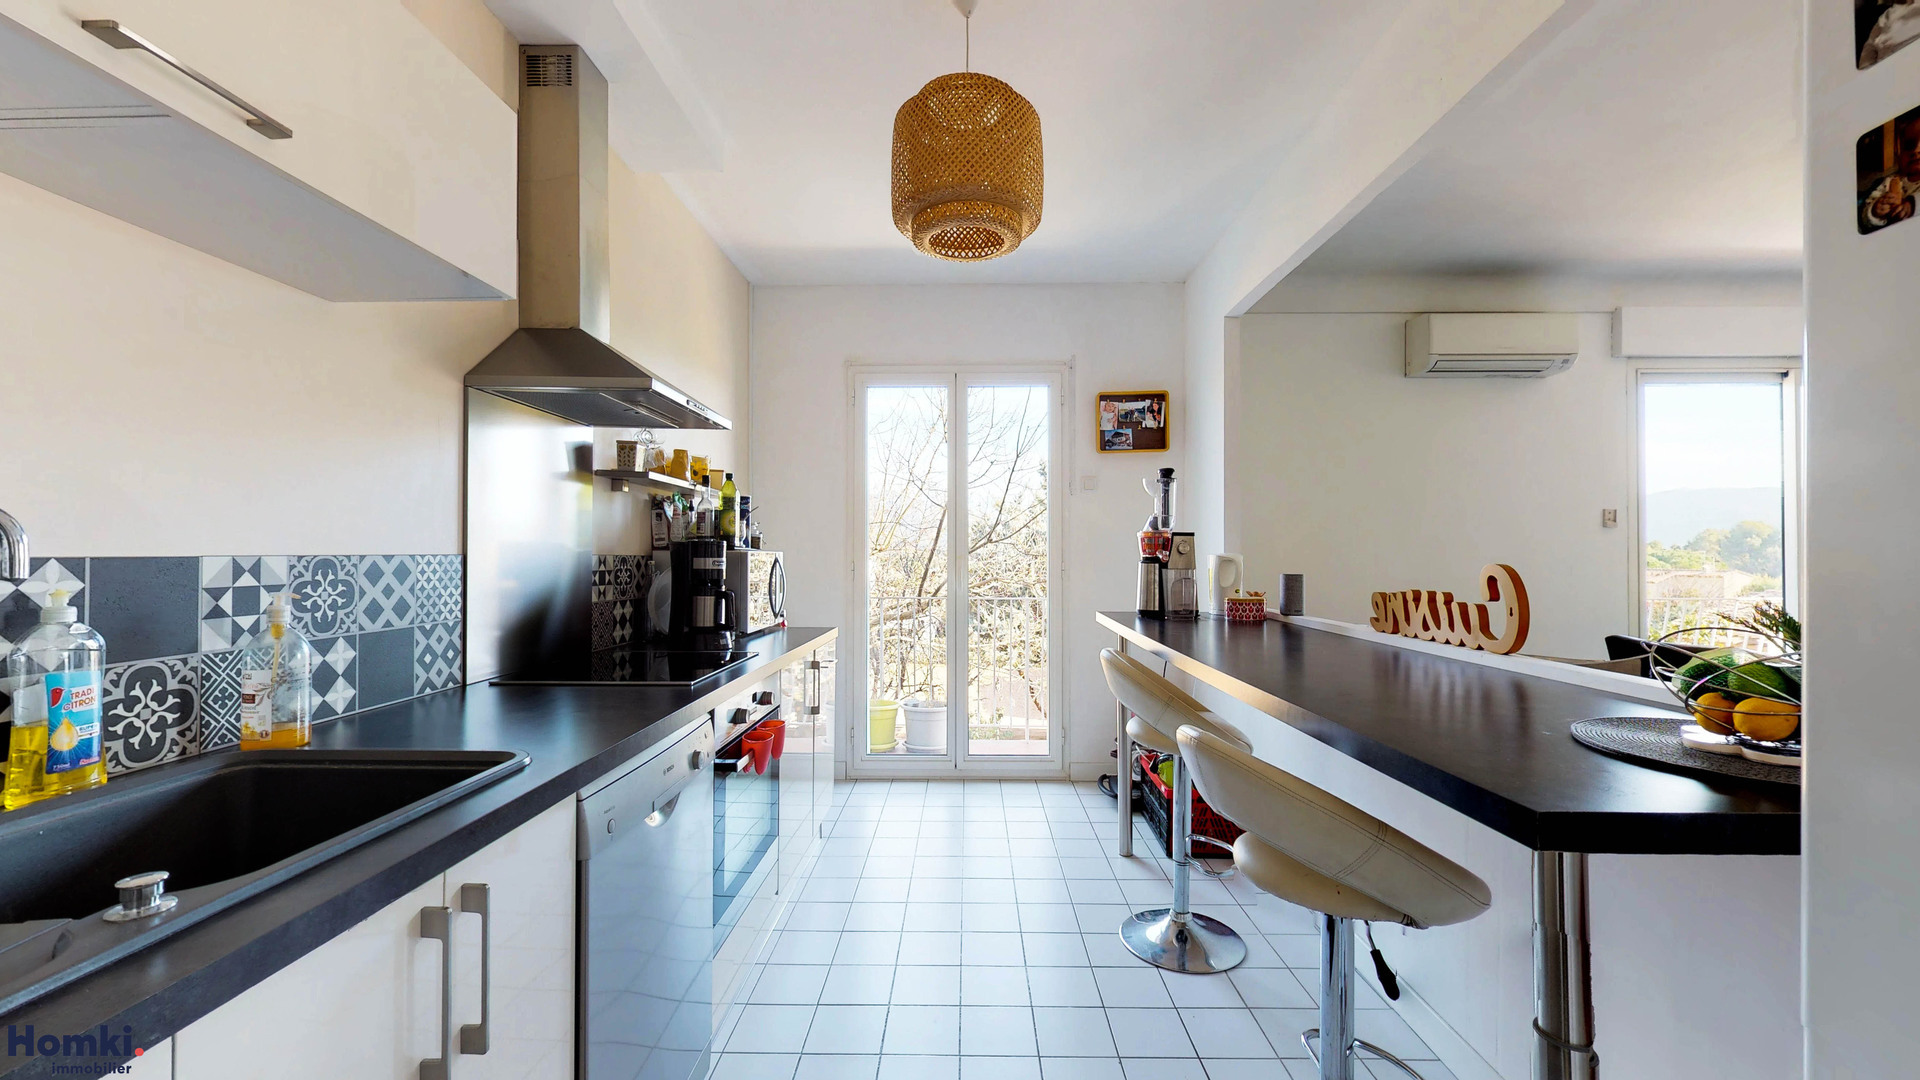 Vente Appartement 104 m² T4 13400 Aubagne_6